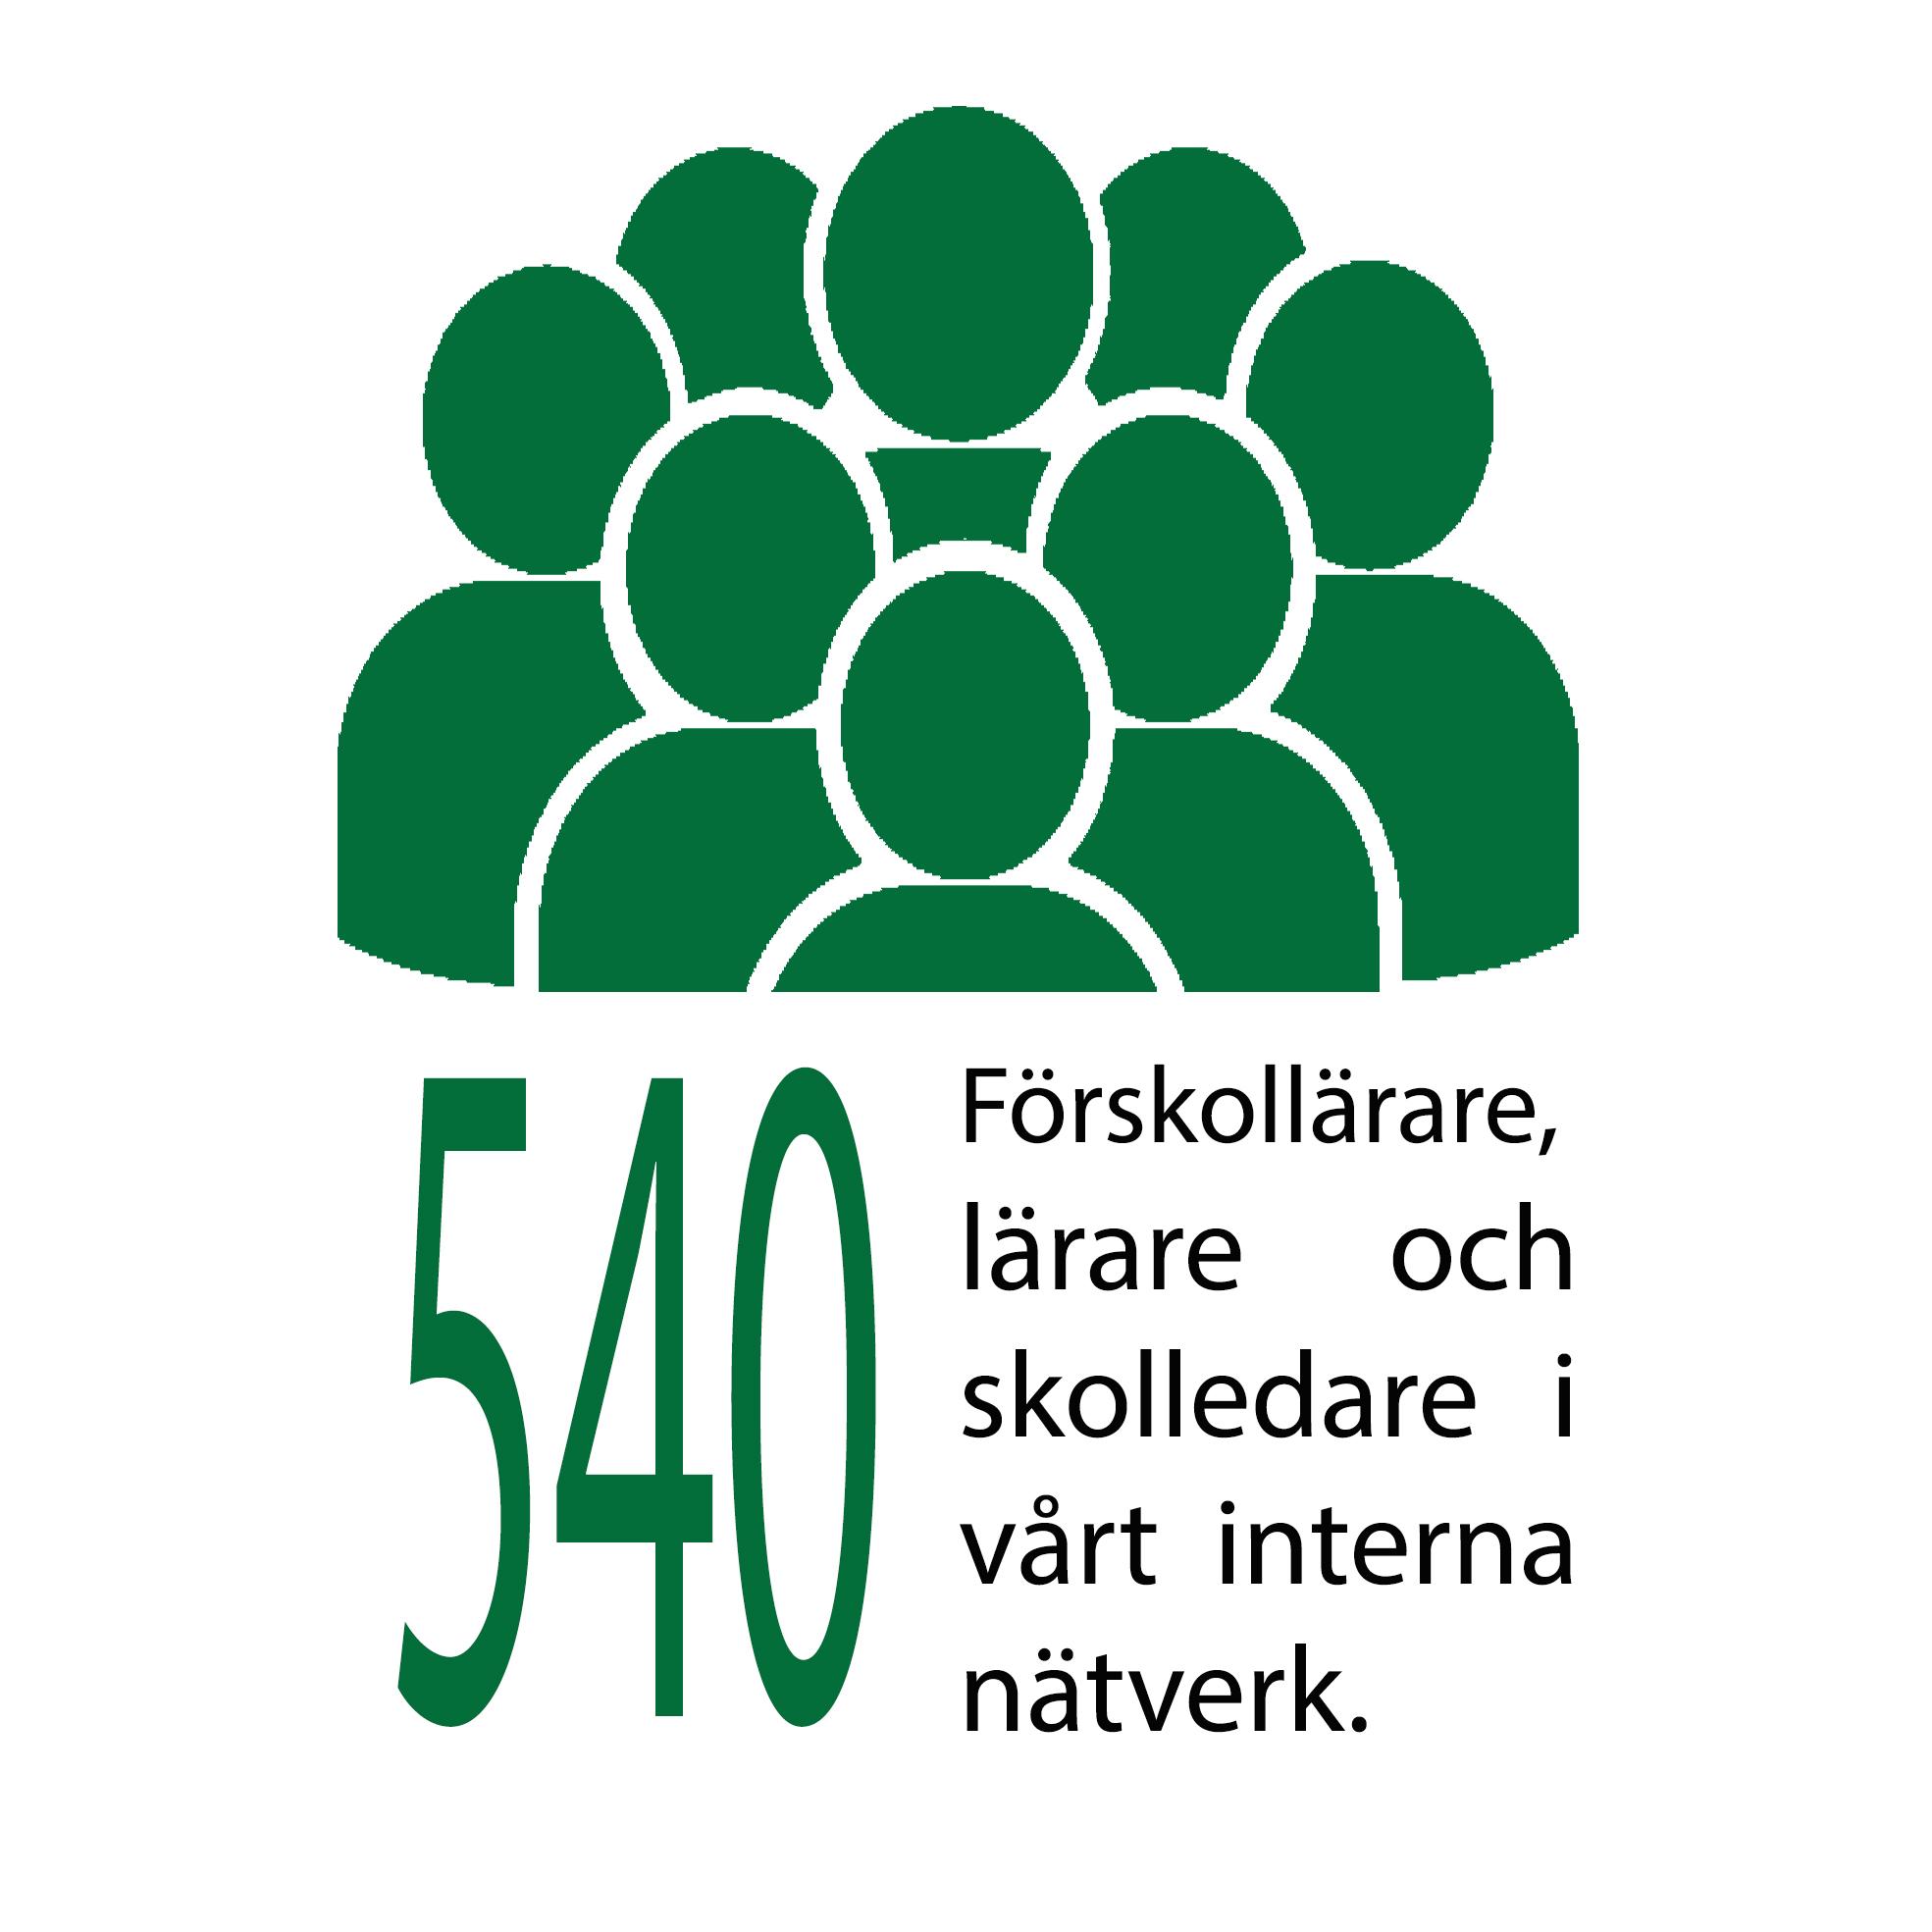 540pedagoger